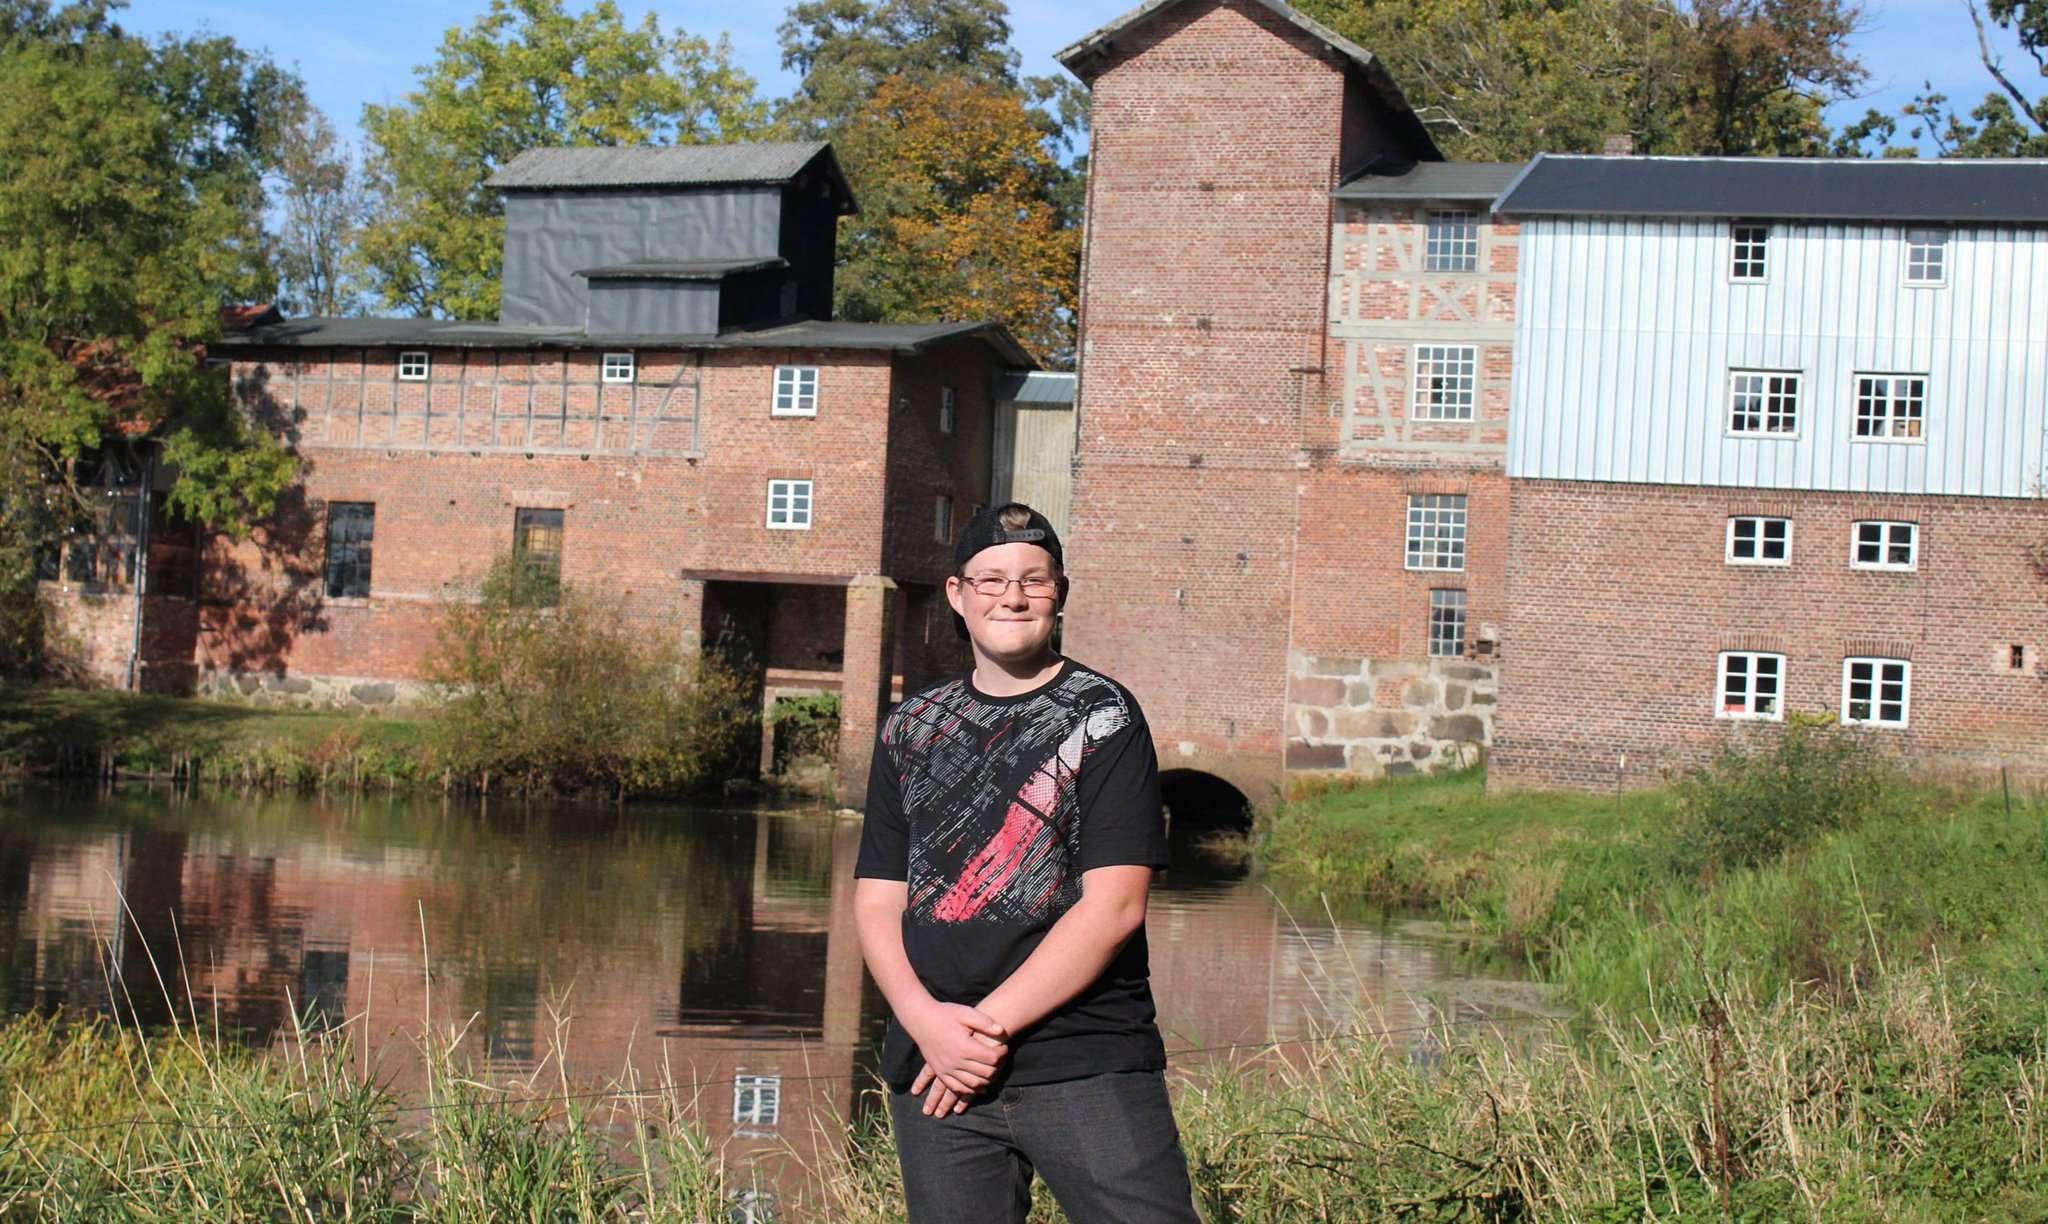 Tobias Waltereit verbringt viel Zeit in der Scheeßeler Wassermühle. Foto: Ann-Christin Beims